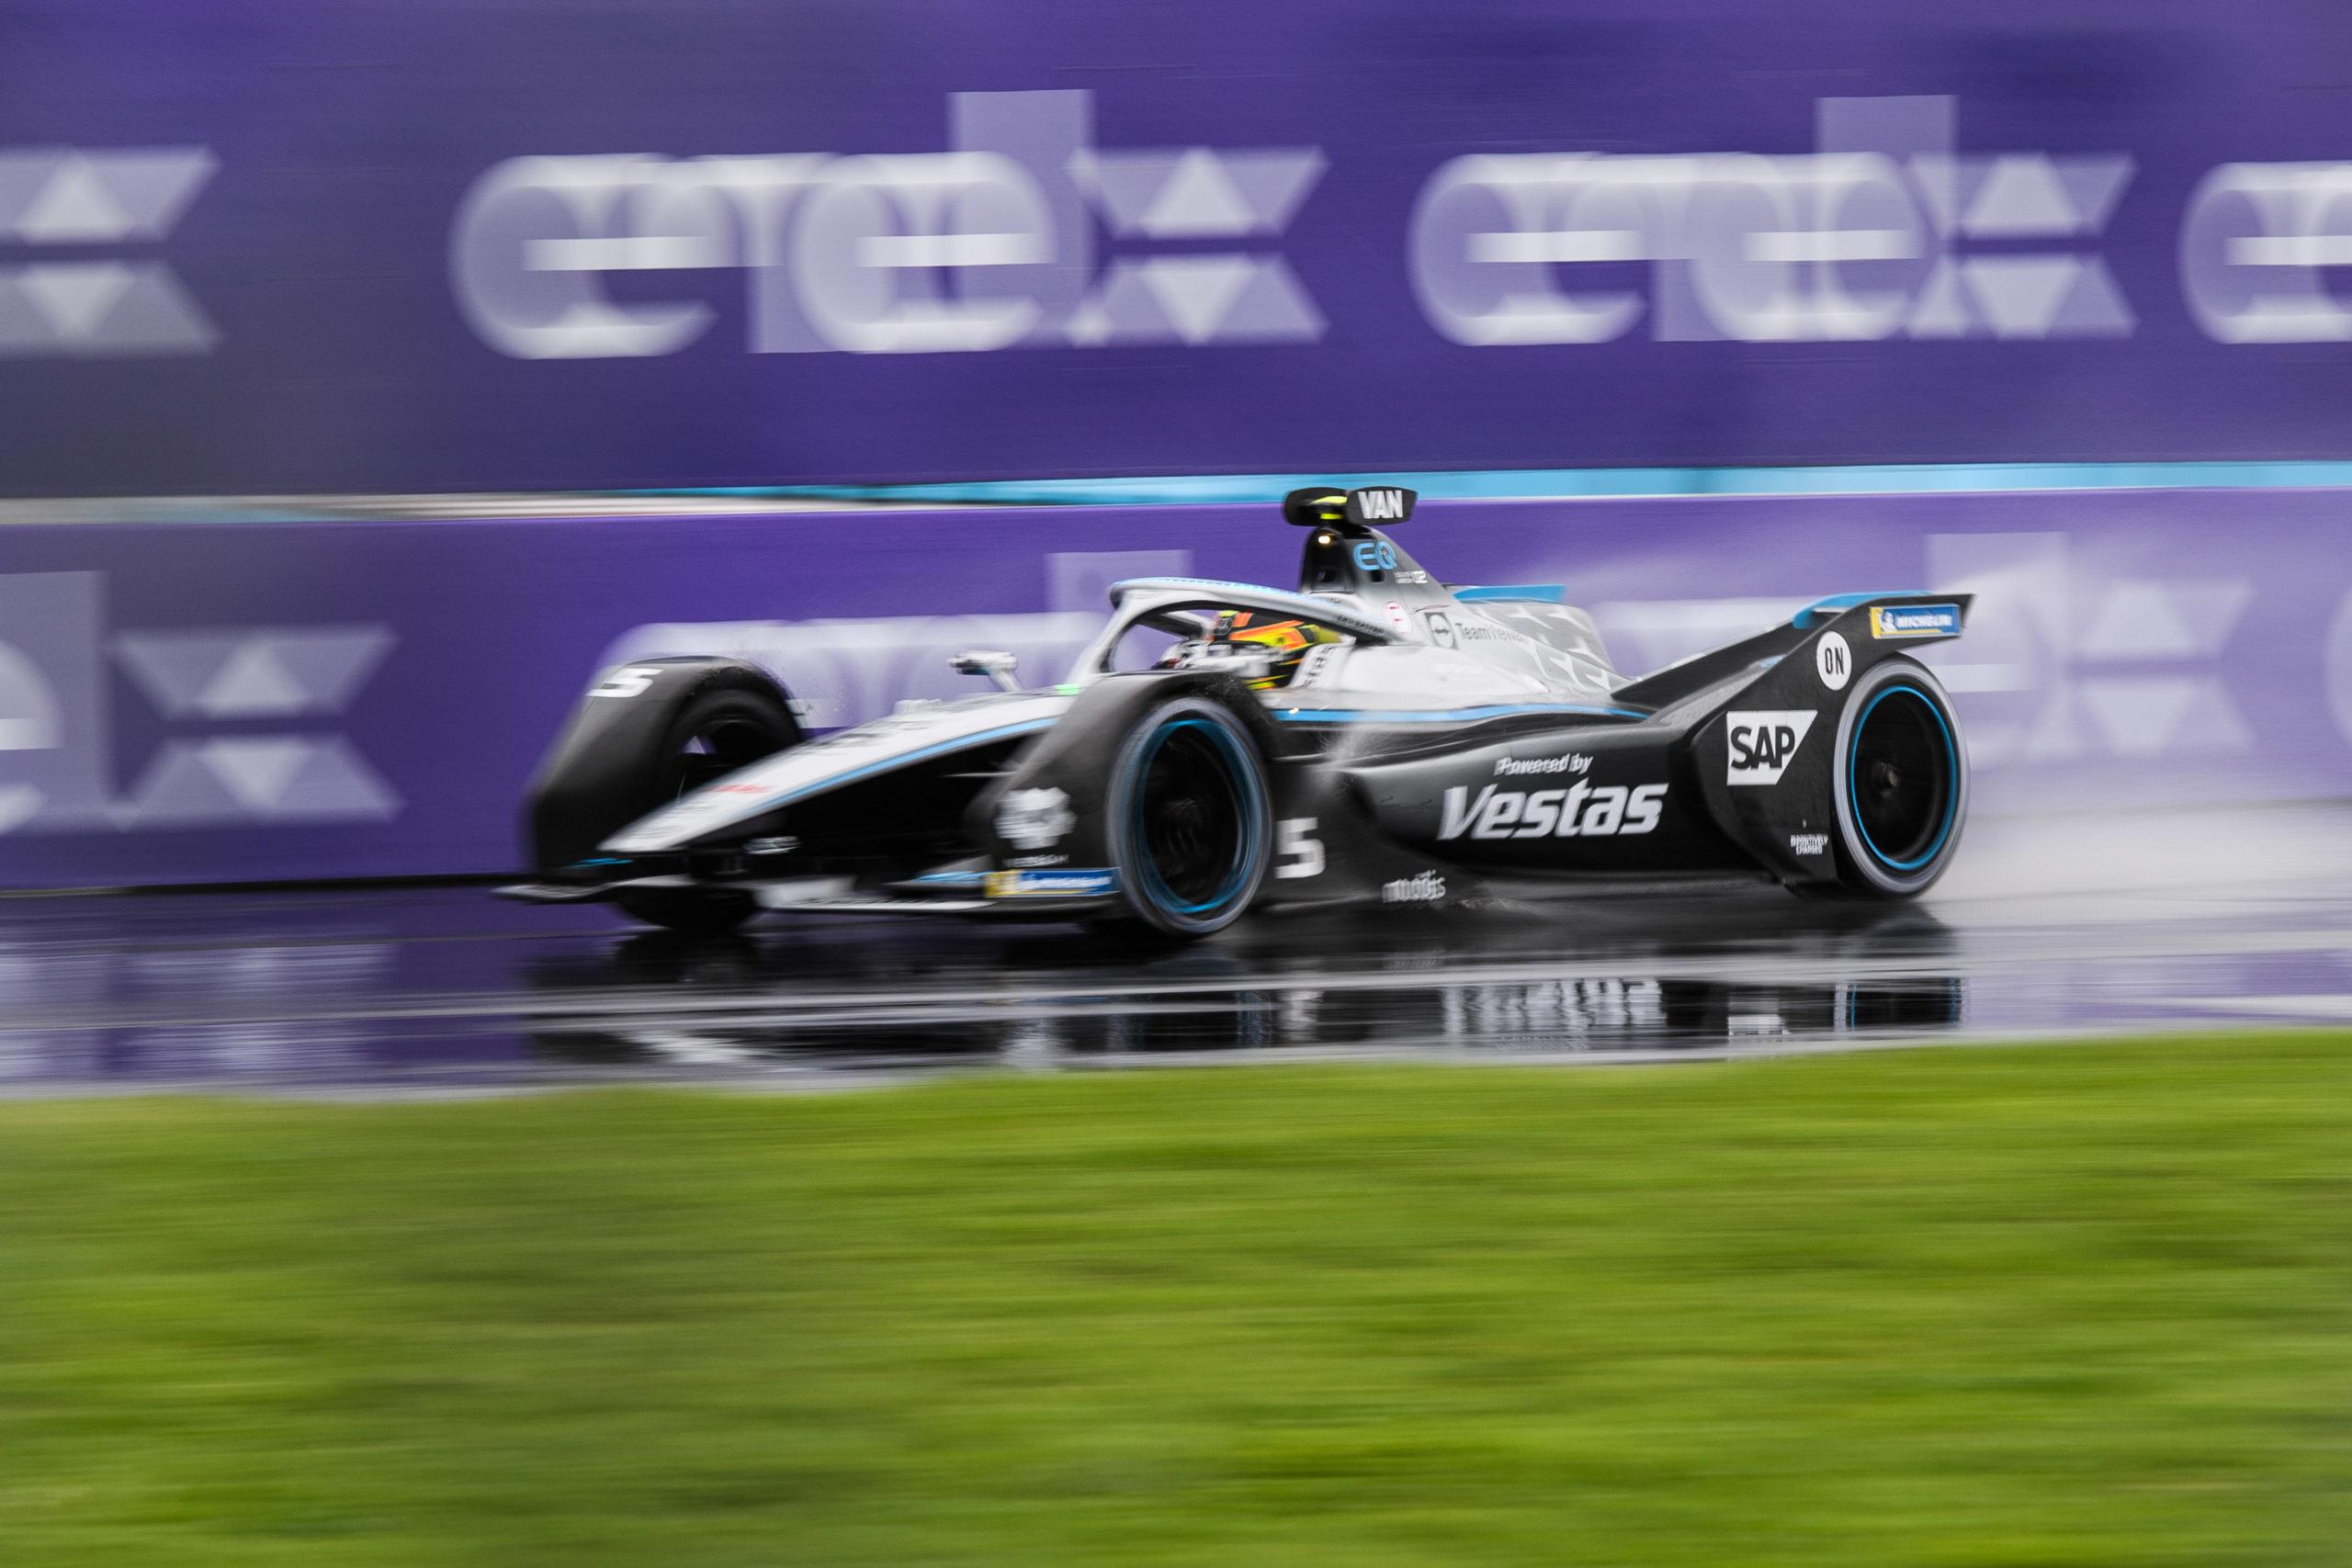 Stoffel Vandoorne (BEL), Mercedes Benz EQ, EQ Silver Arrow 02, ePrix Puebla 2021, Formula-E